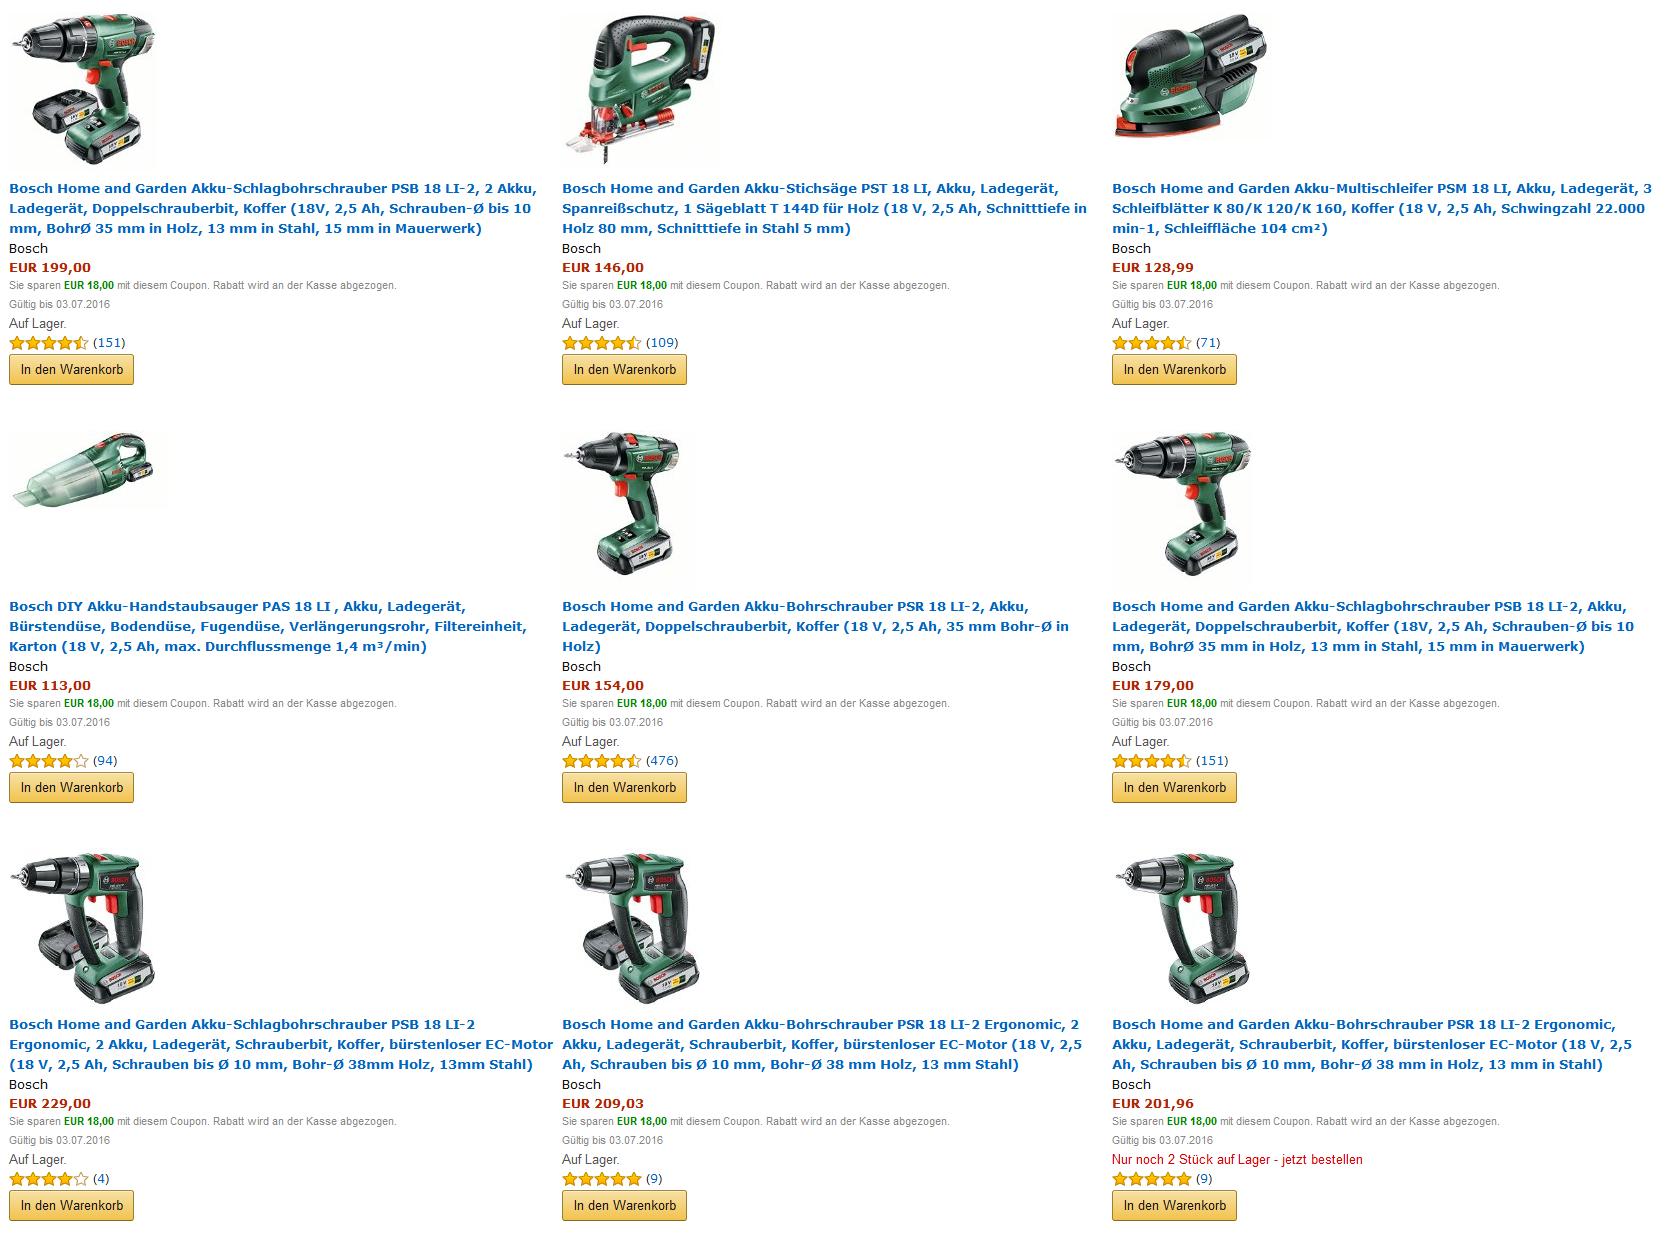 [Amazon] Bosch Werkzeuge mit 18€ Coupon und einer Ersparnis von bis zu 20%